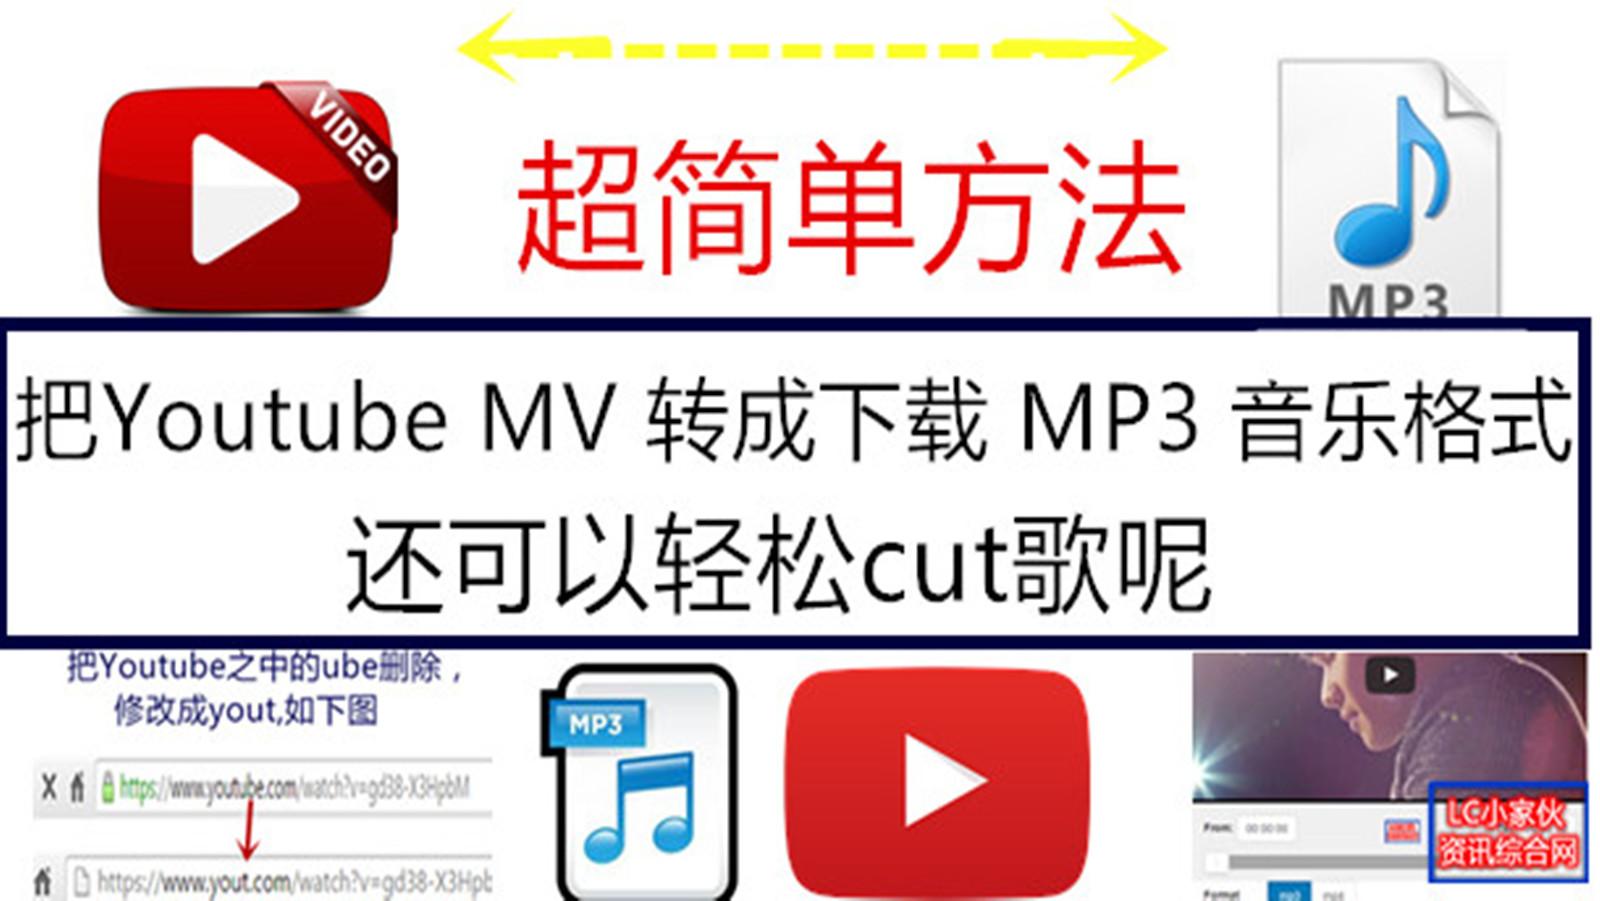 超簡單方法把Youtube MV 下載成MP3歌曲格式 | LC 小傢伙綜合網